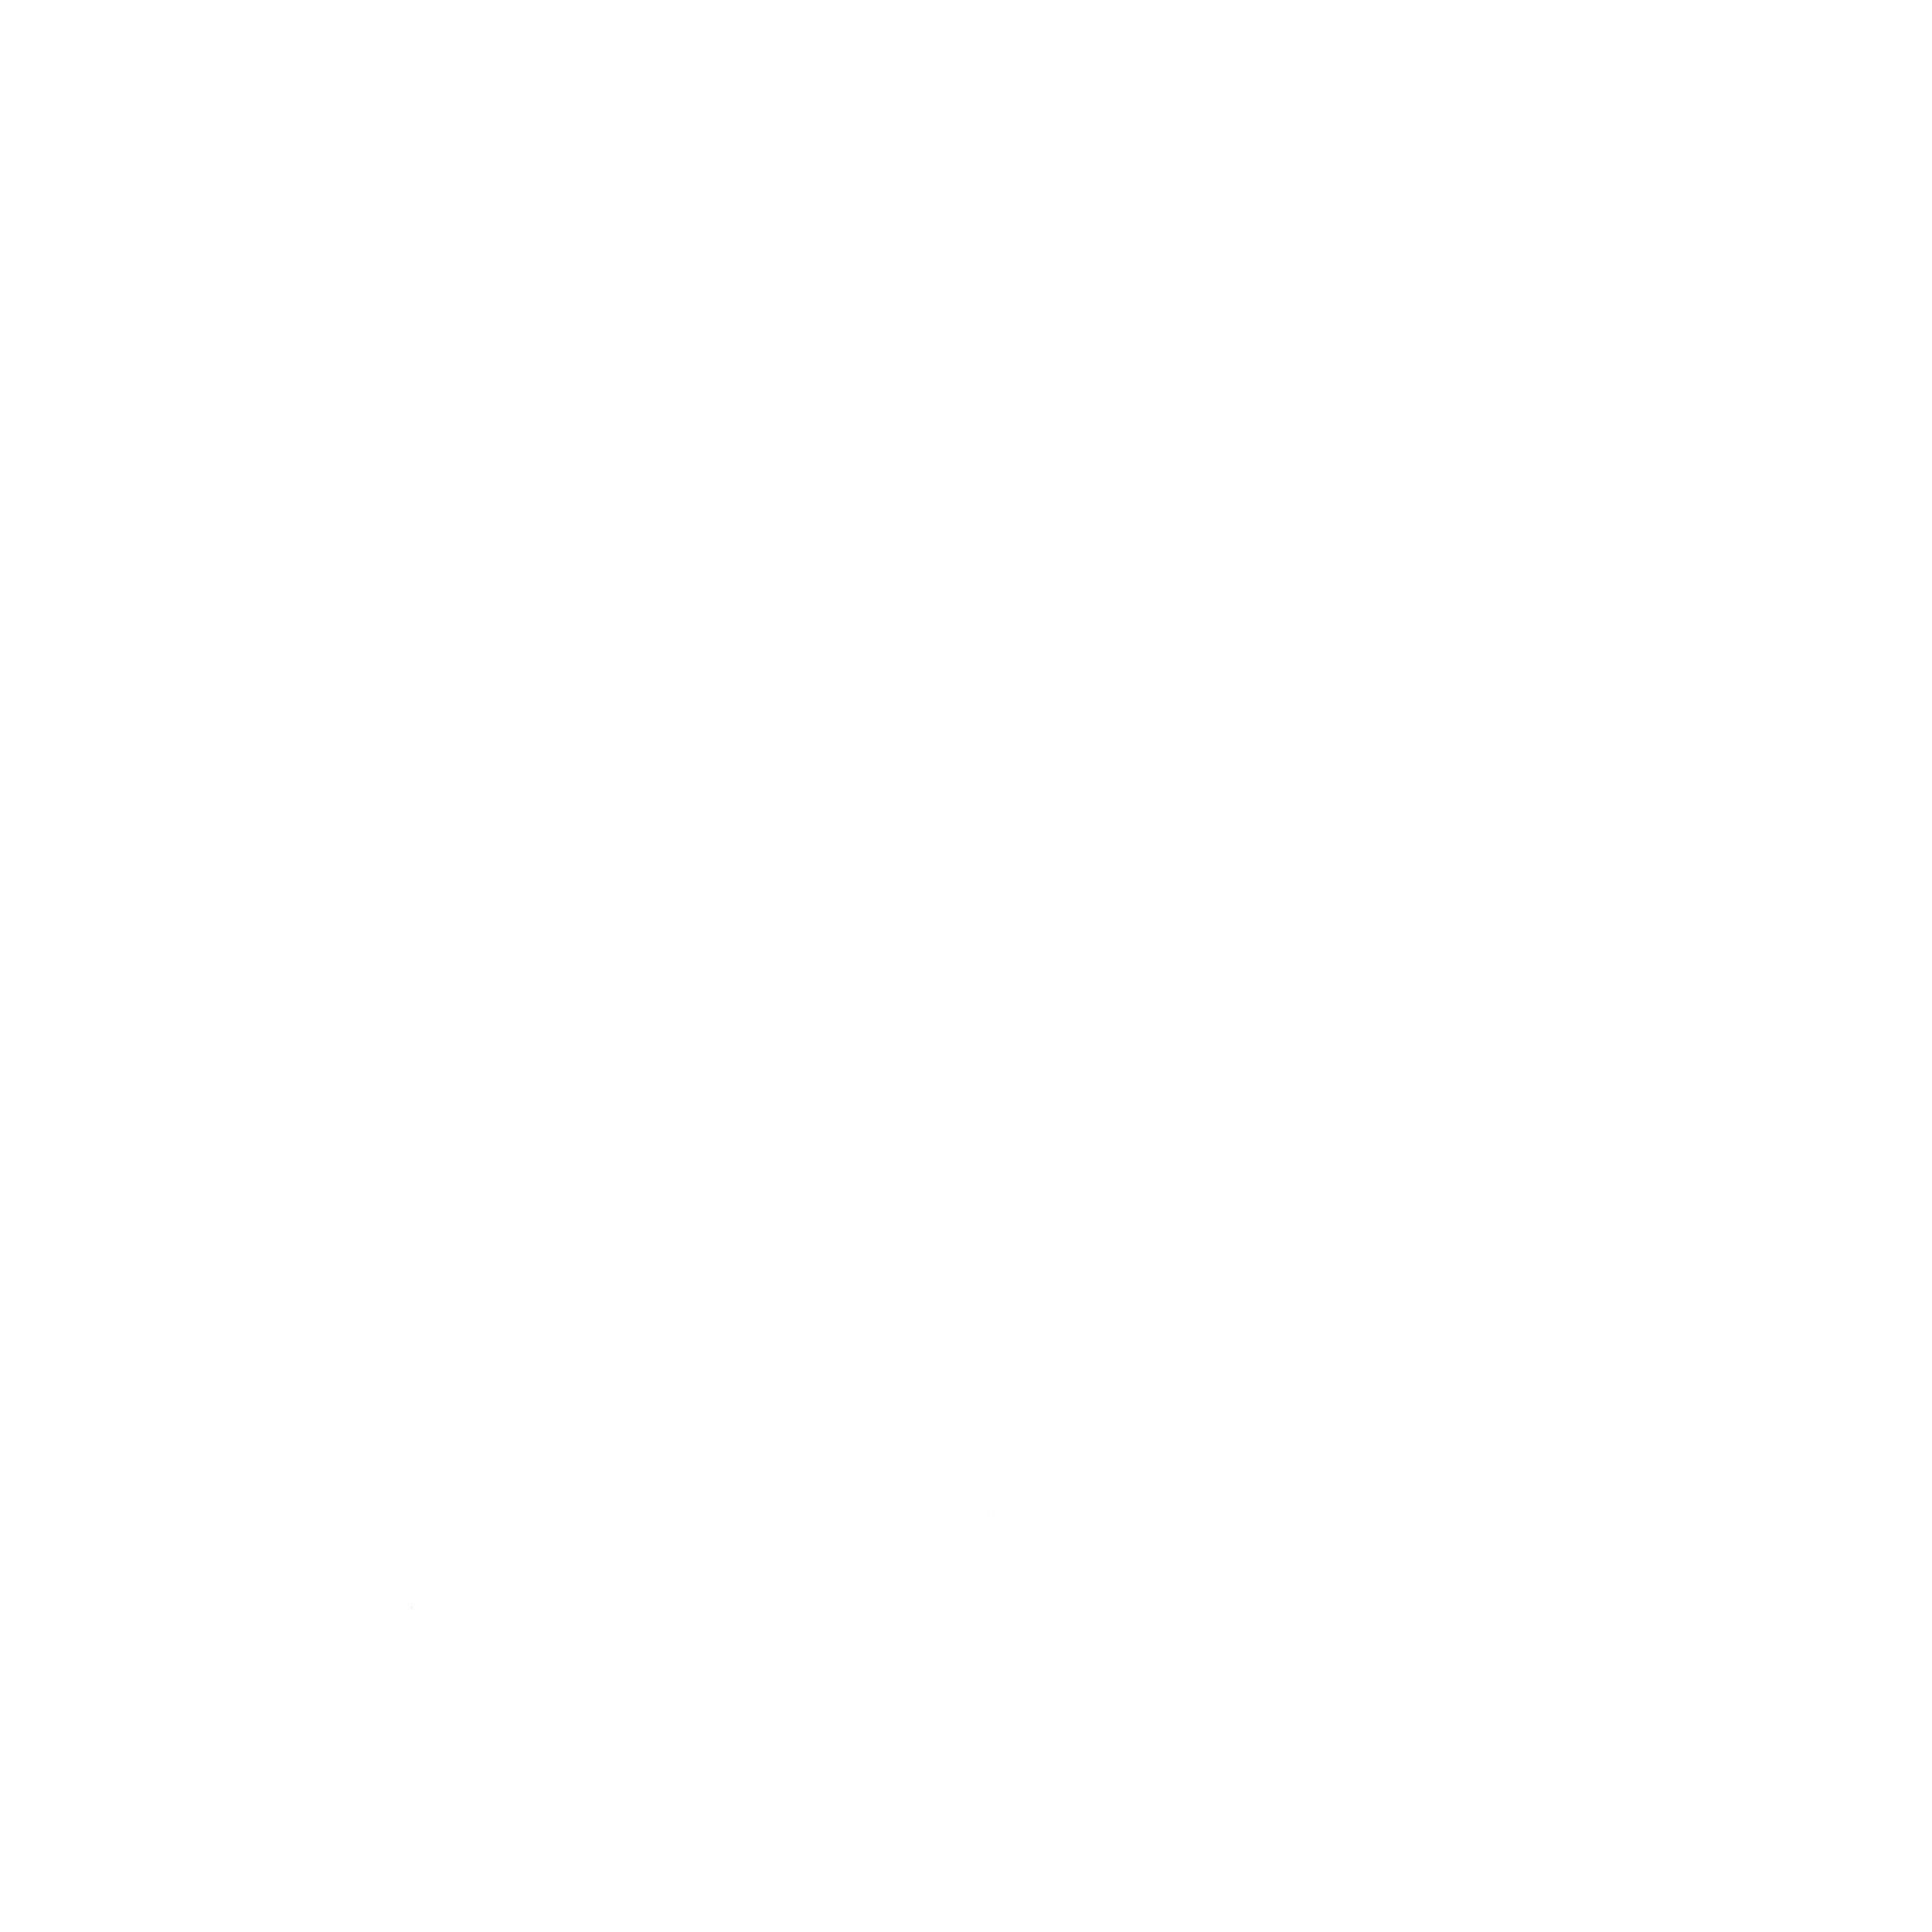 Панель МДФ декоративная Rukus белая гладкая 910х2440х3 мм